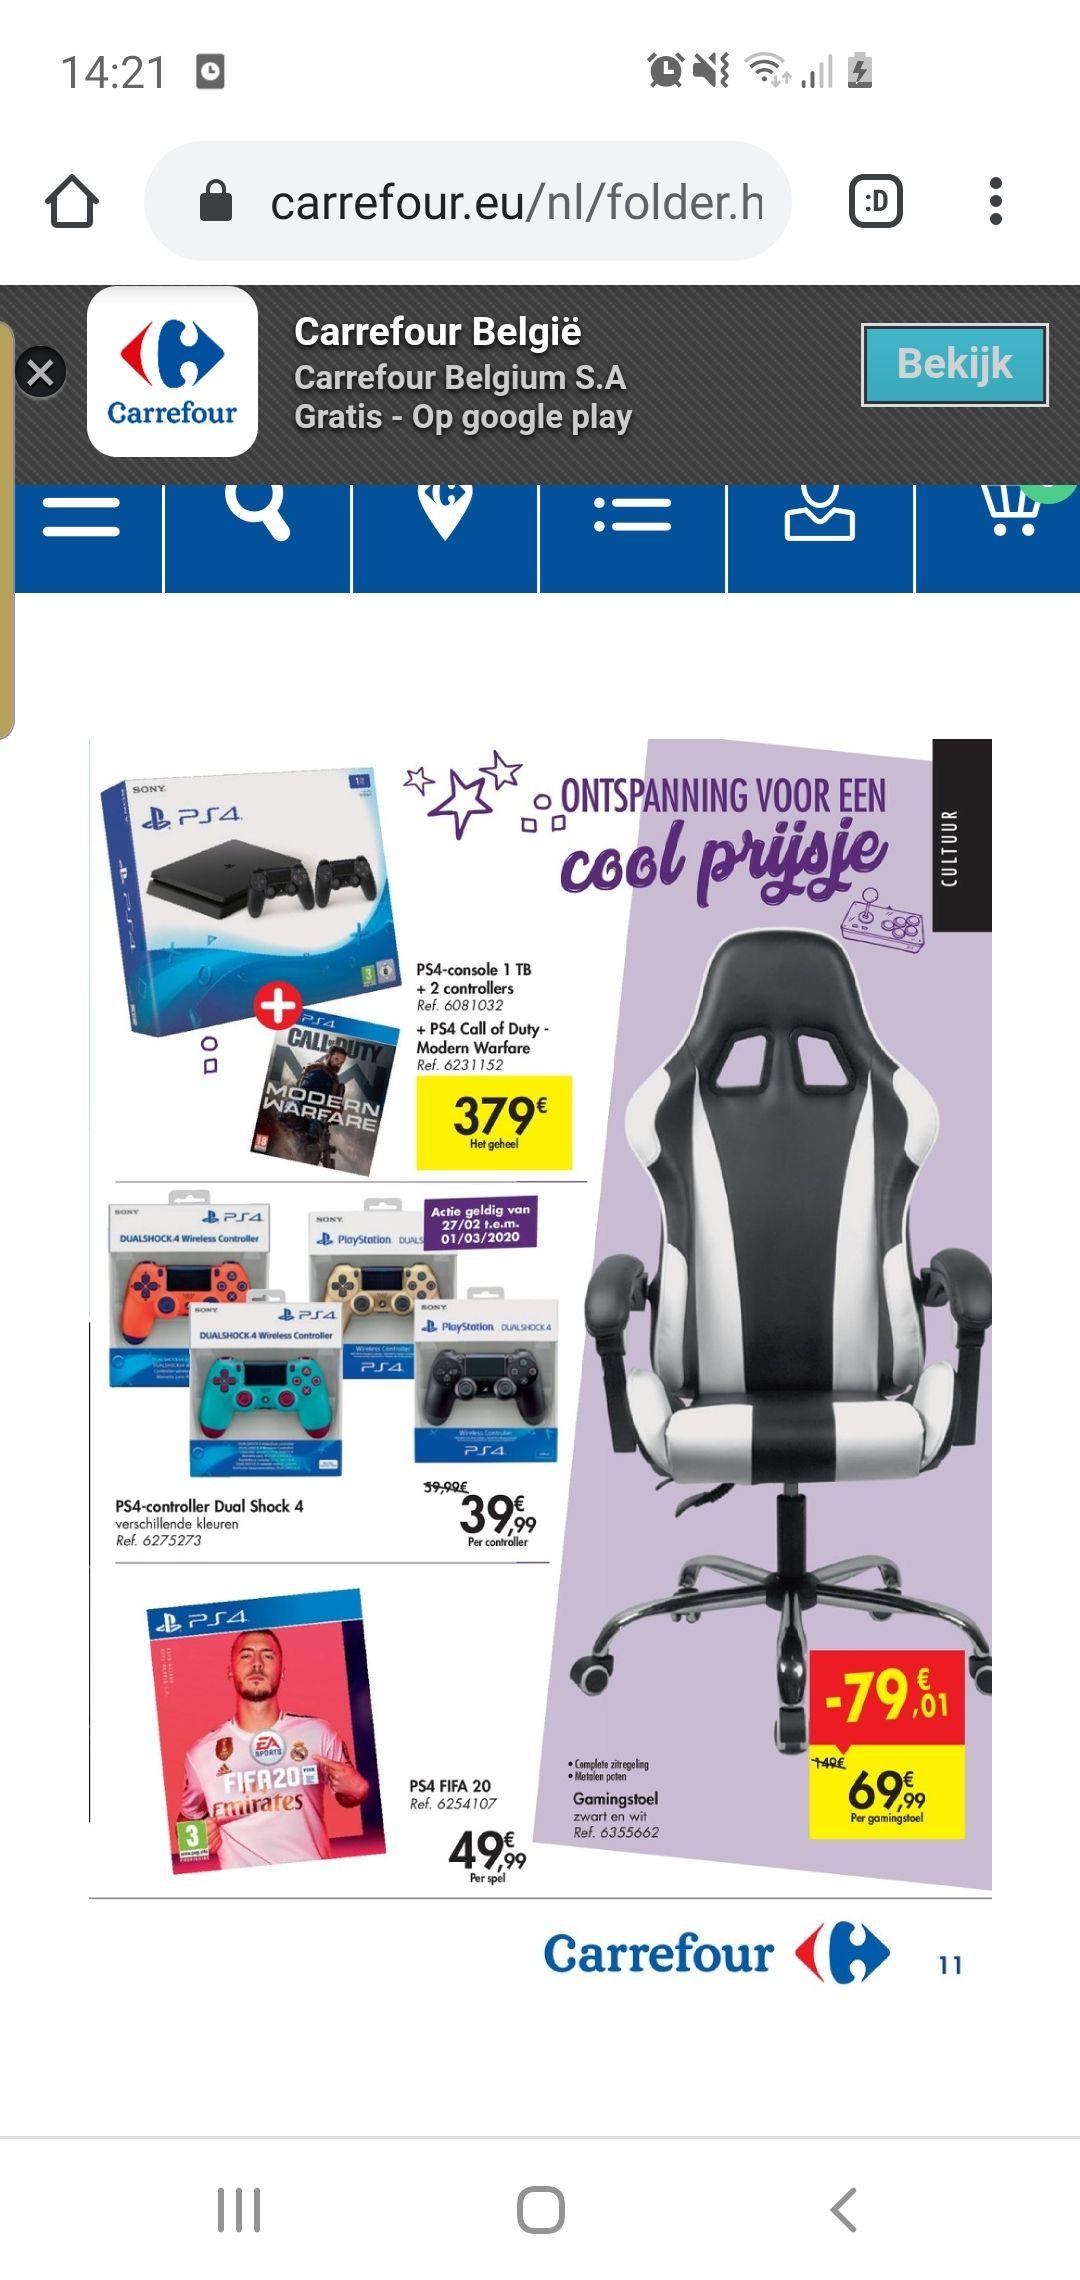 Grensdeal Belgie carrefour hypermarkt playstation 4 controller meerdere kleuren